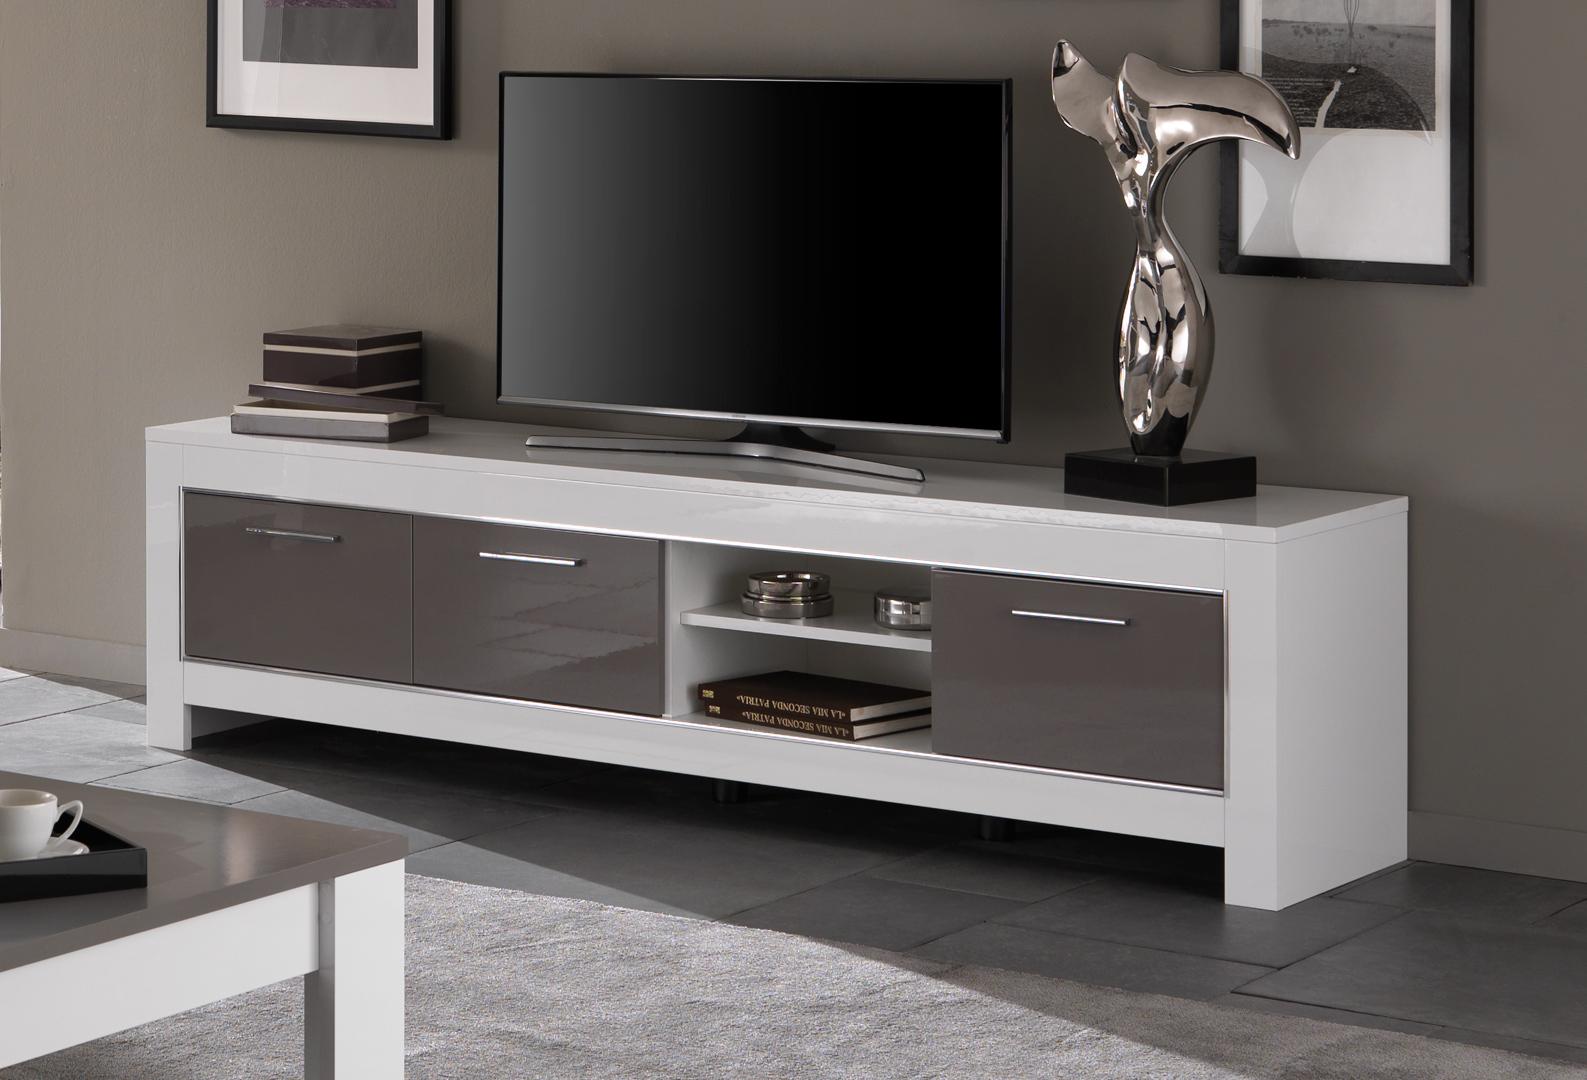 Meuble TV design 207 cm laqué blanc/gris Mégane